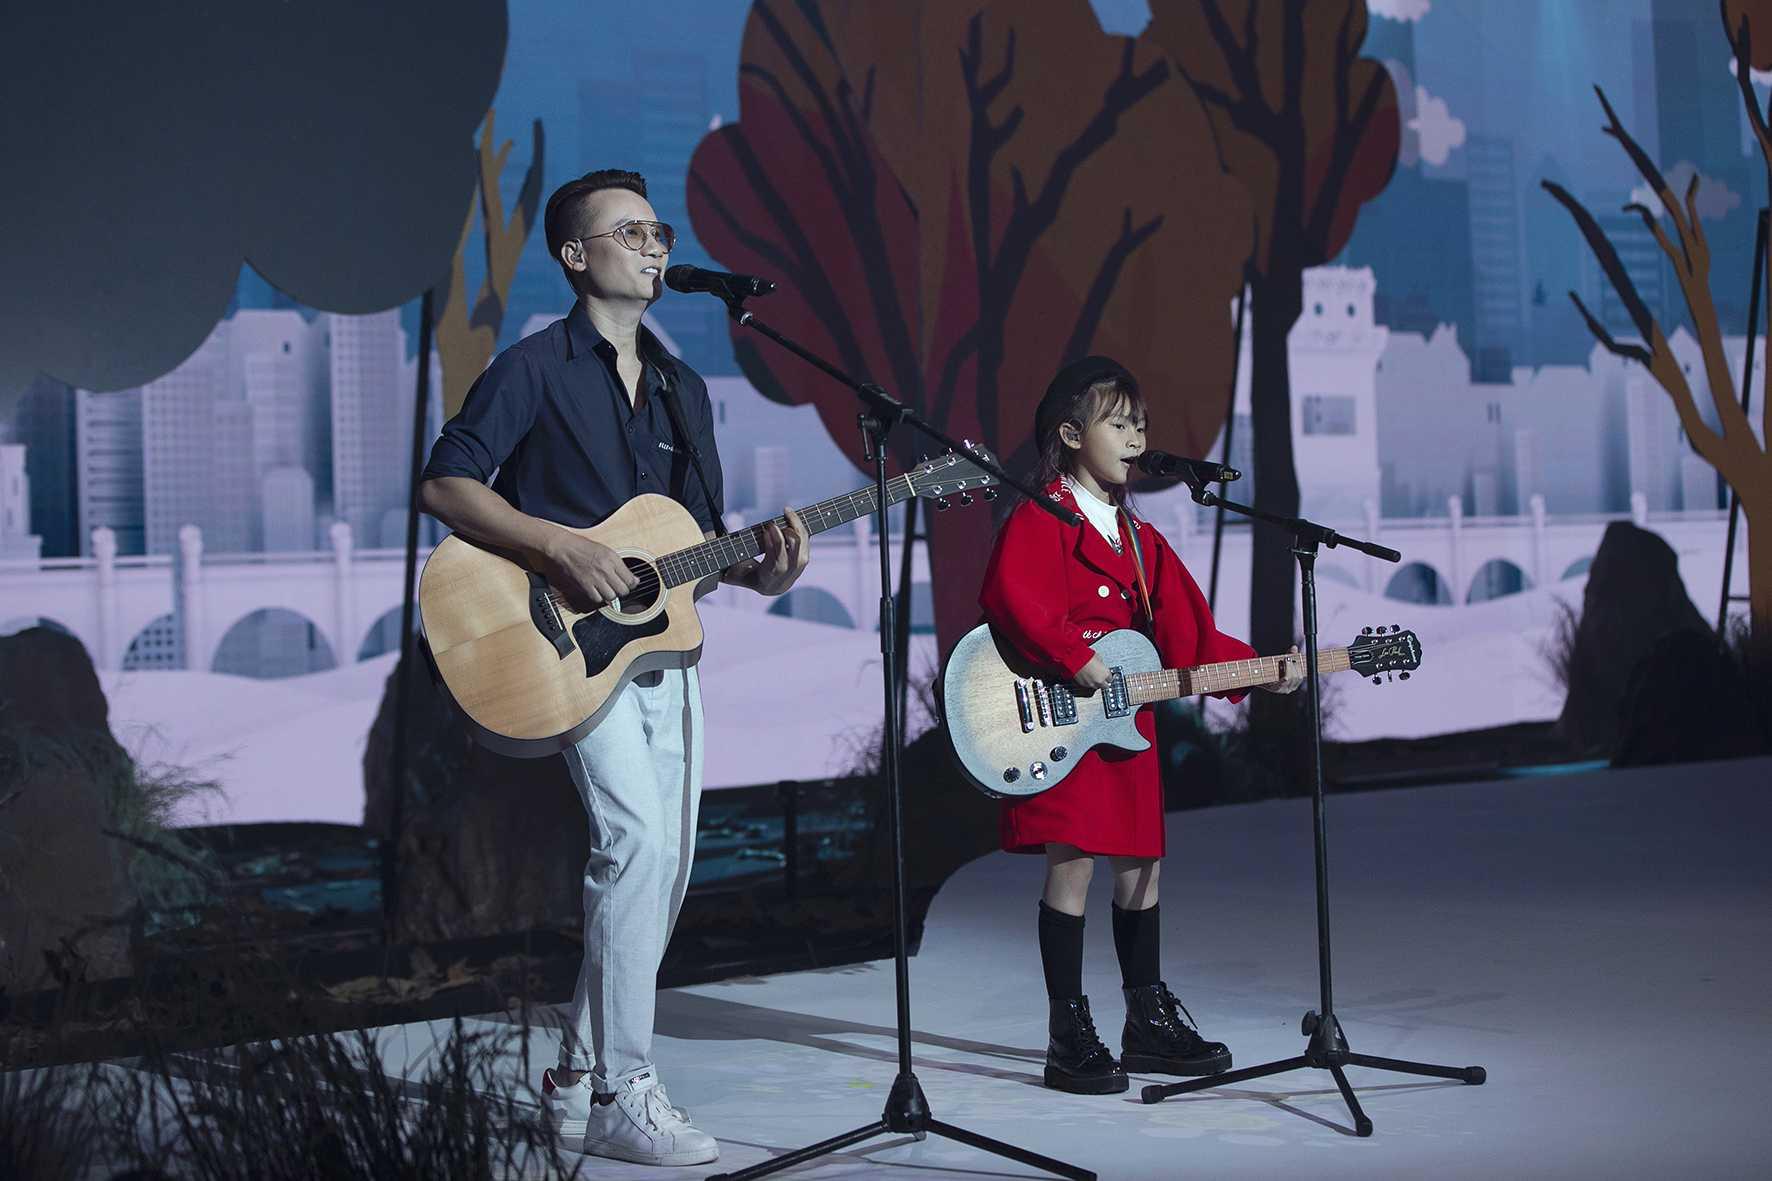 """HH Hương Giang tái xuất sàn catwalk với hình ảnh """"công chúa rừng xanh"""", kết màn cho Tuần lễ thời trang Trẻ em 2020 - Ảnh 14."""